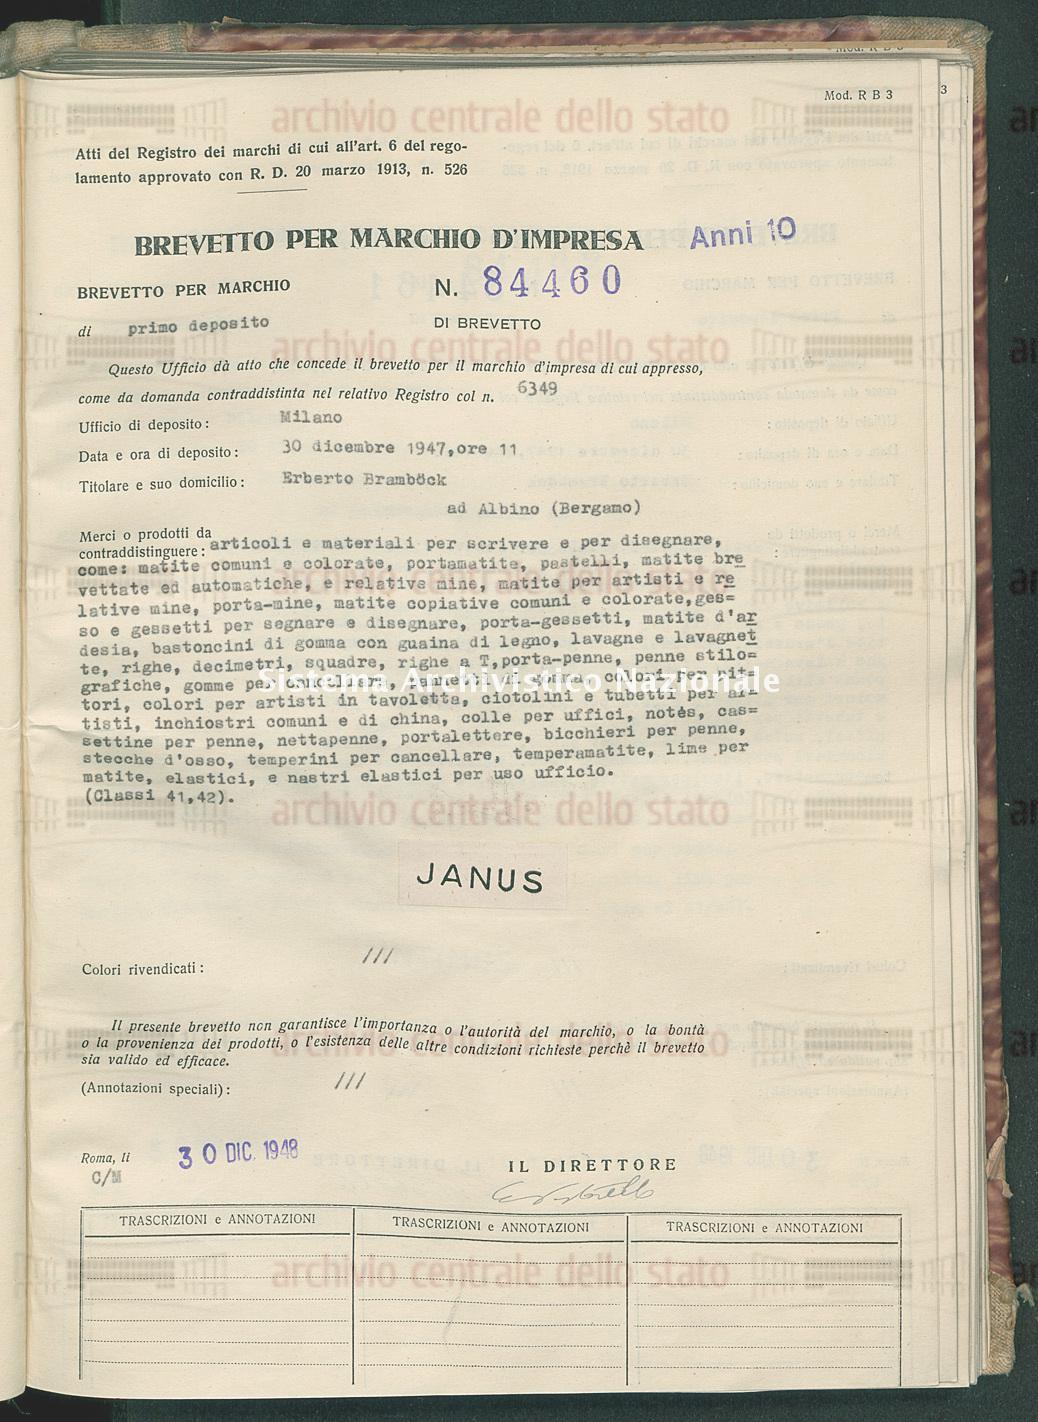 Articoli e materiali per scrivere e per disegnare, come: matite comuni Erberto Brambock (30/12/1948)